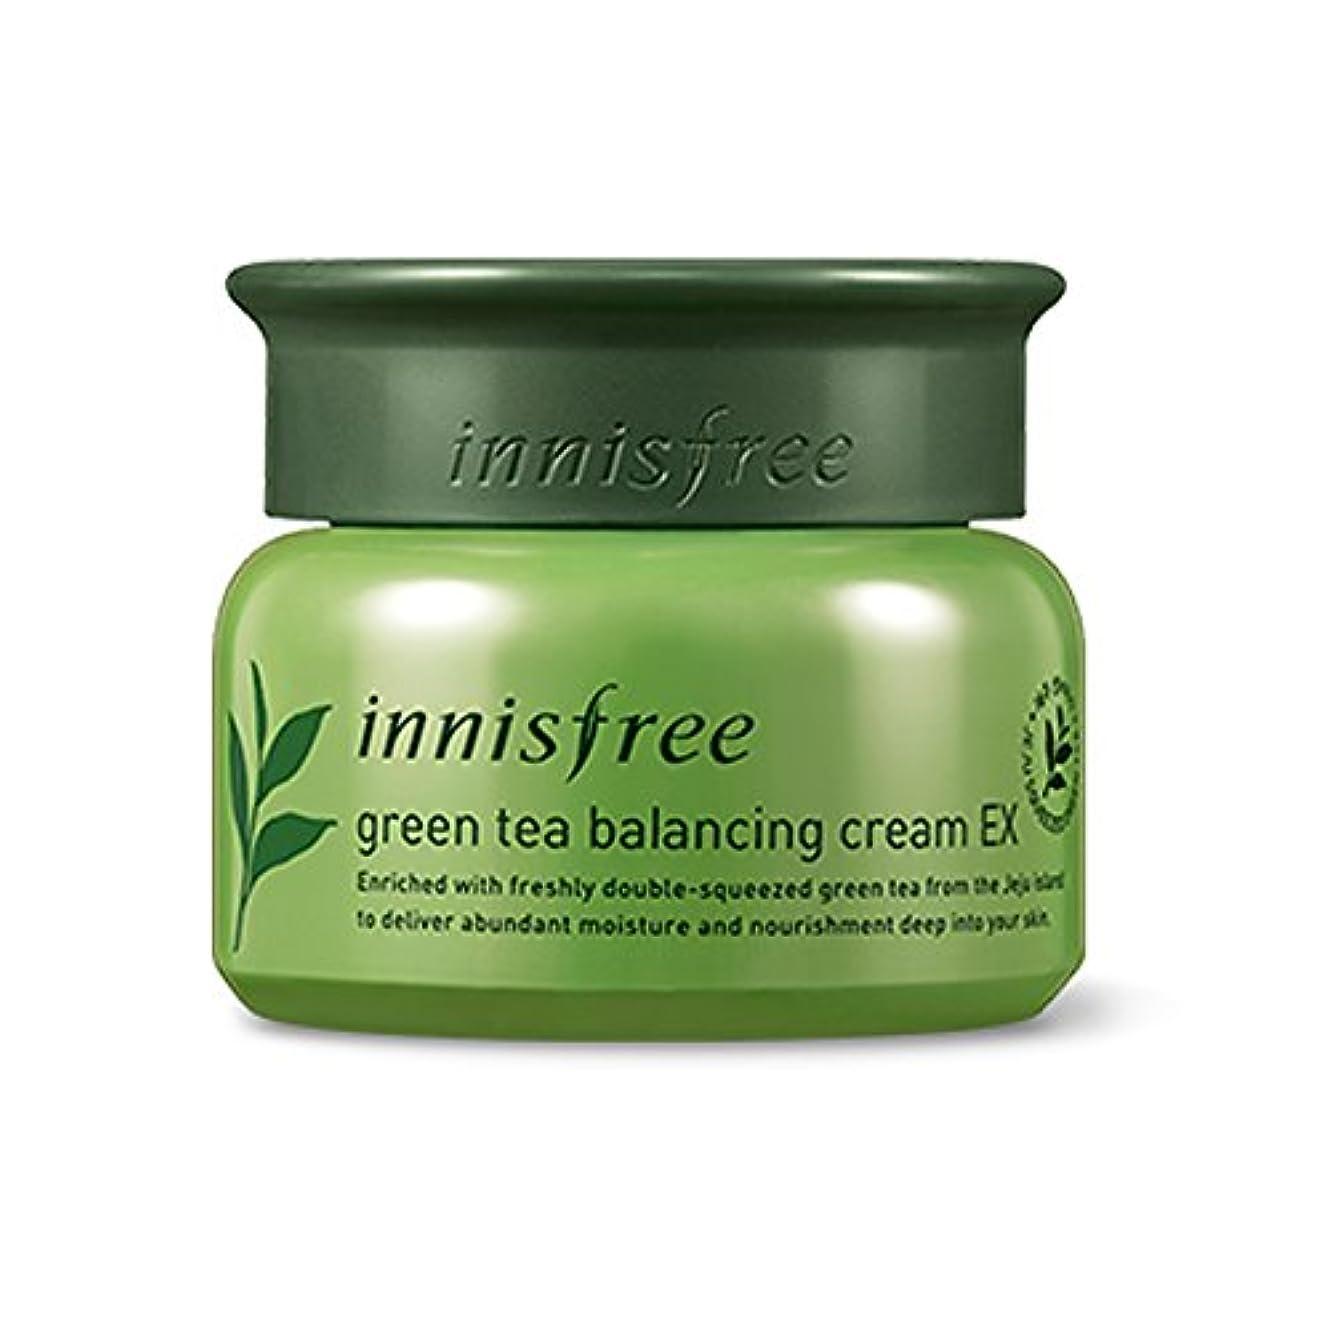 クレタ電卓世界記録のギネスブックイニスフリーグリーンティーバランスクリーム50ml「2018新製品」 Innisfree Green Tea Balancing Cream 50ml